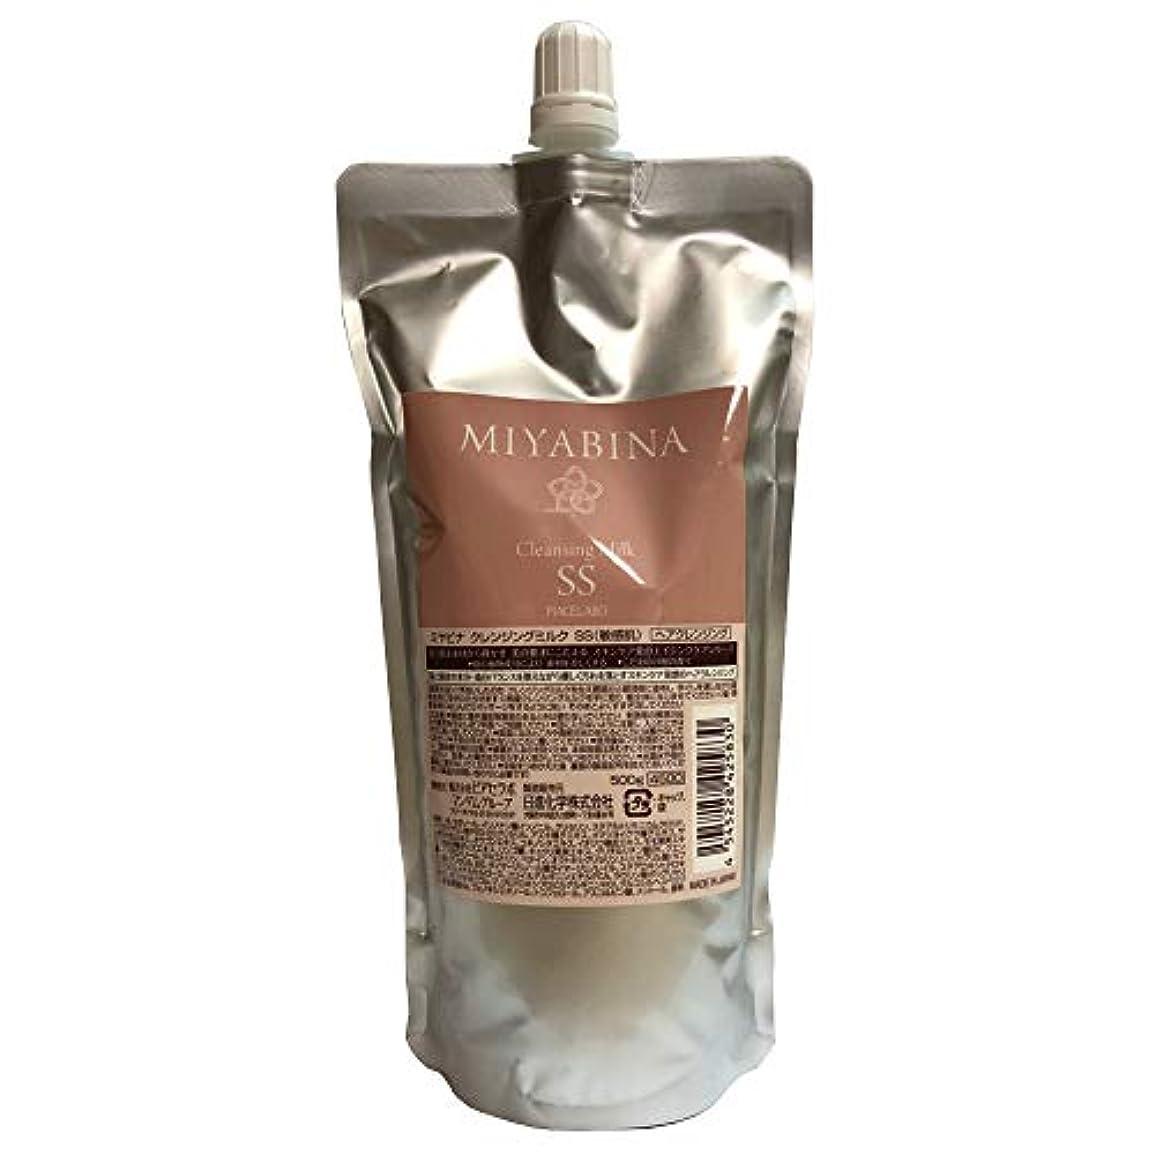 離す印象的騒ぎミヤビナ クレンジングミルク SS(敏感肌) 500g レフィル(詰め替え)